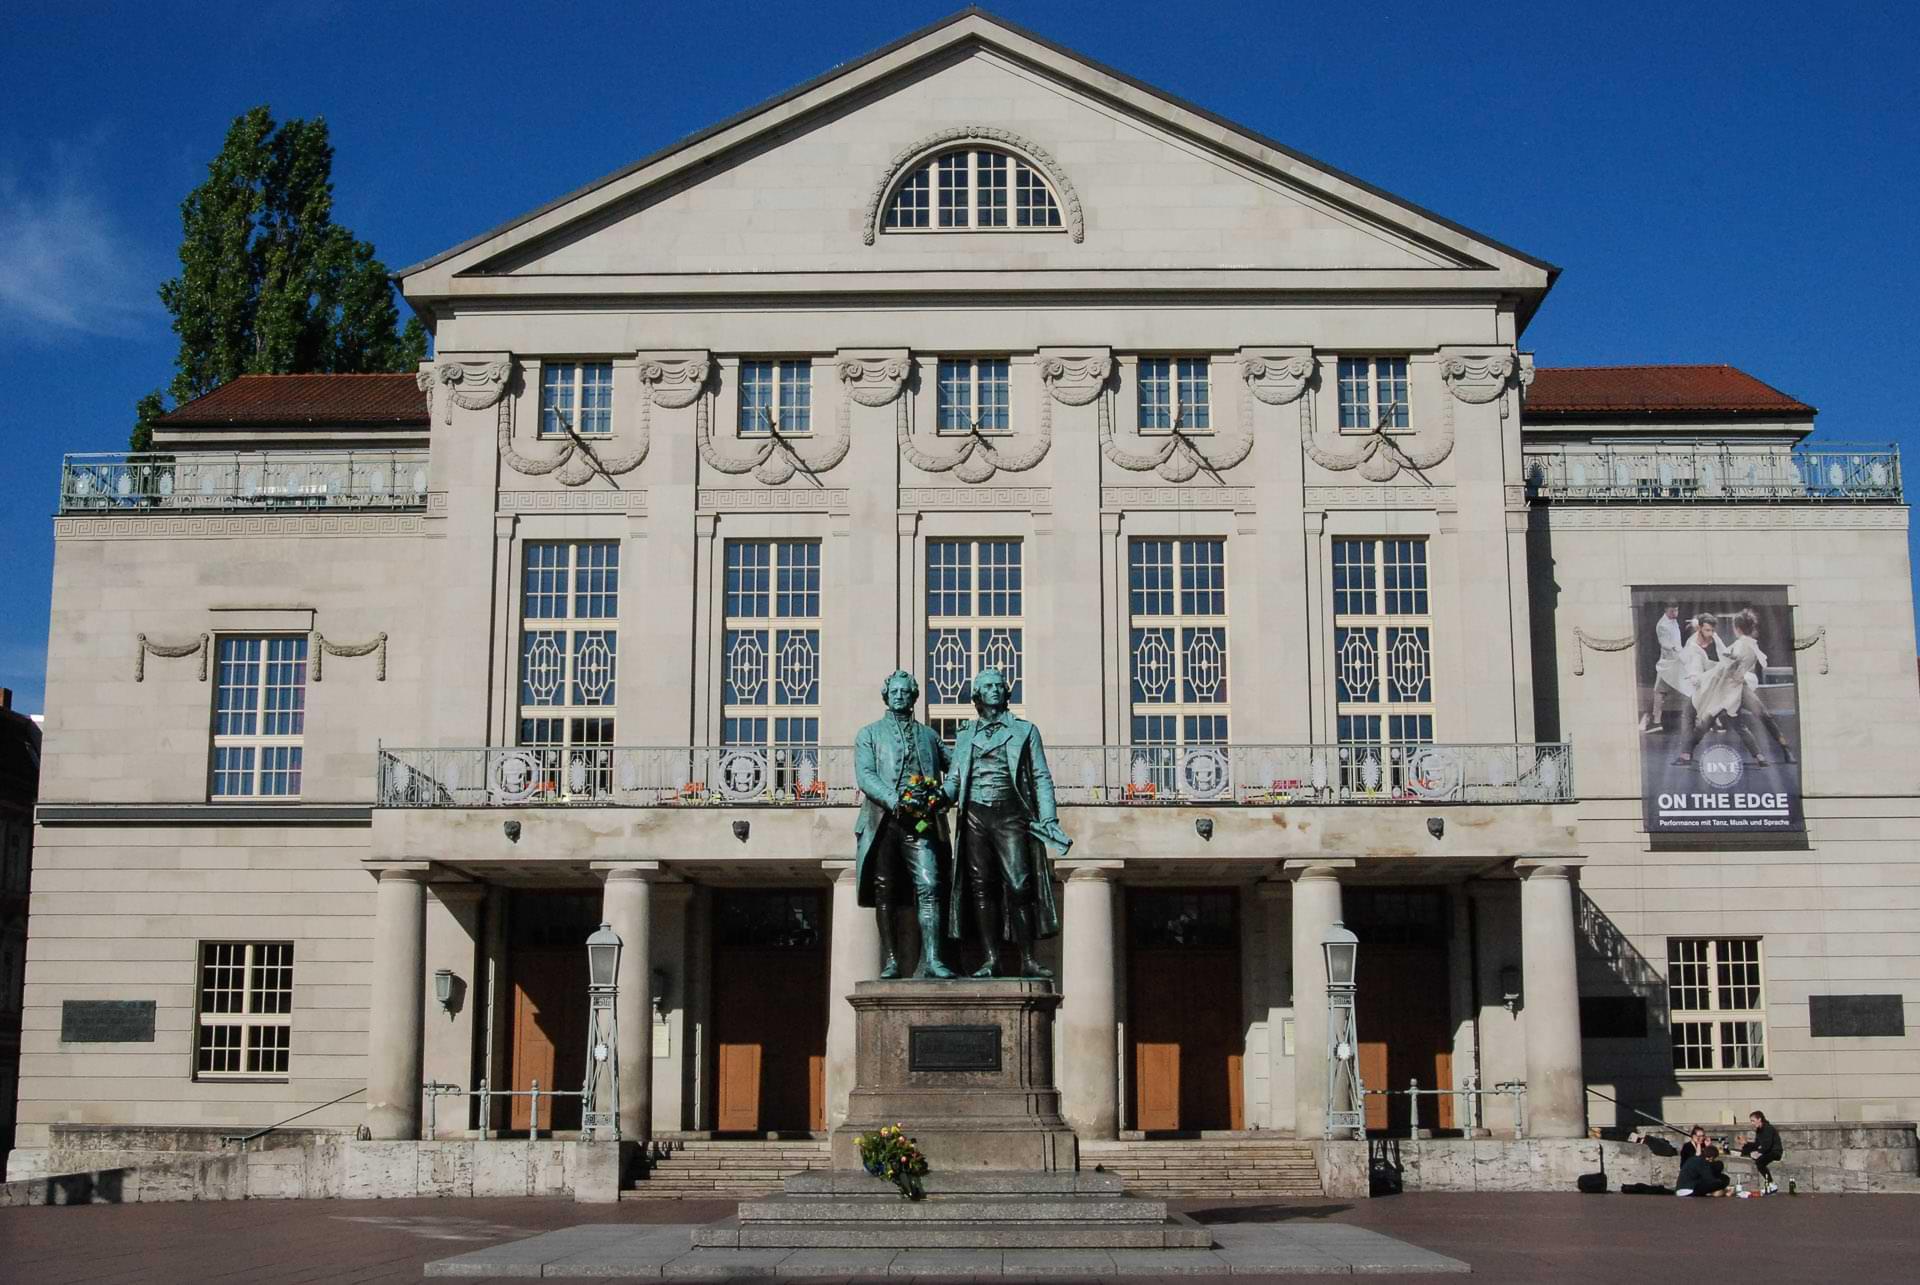 Weimar, Goethe-Schiller-Denkmal, Nationaltheater, Theaterplatz, Sehenswürdigkeiten, Städtetrip, Reisebericht, Deutschland, Thüringen, www.wo-der-pfeffer-waechst.de